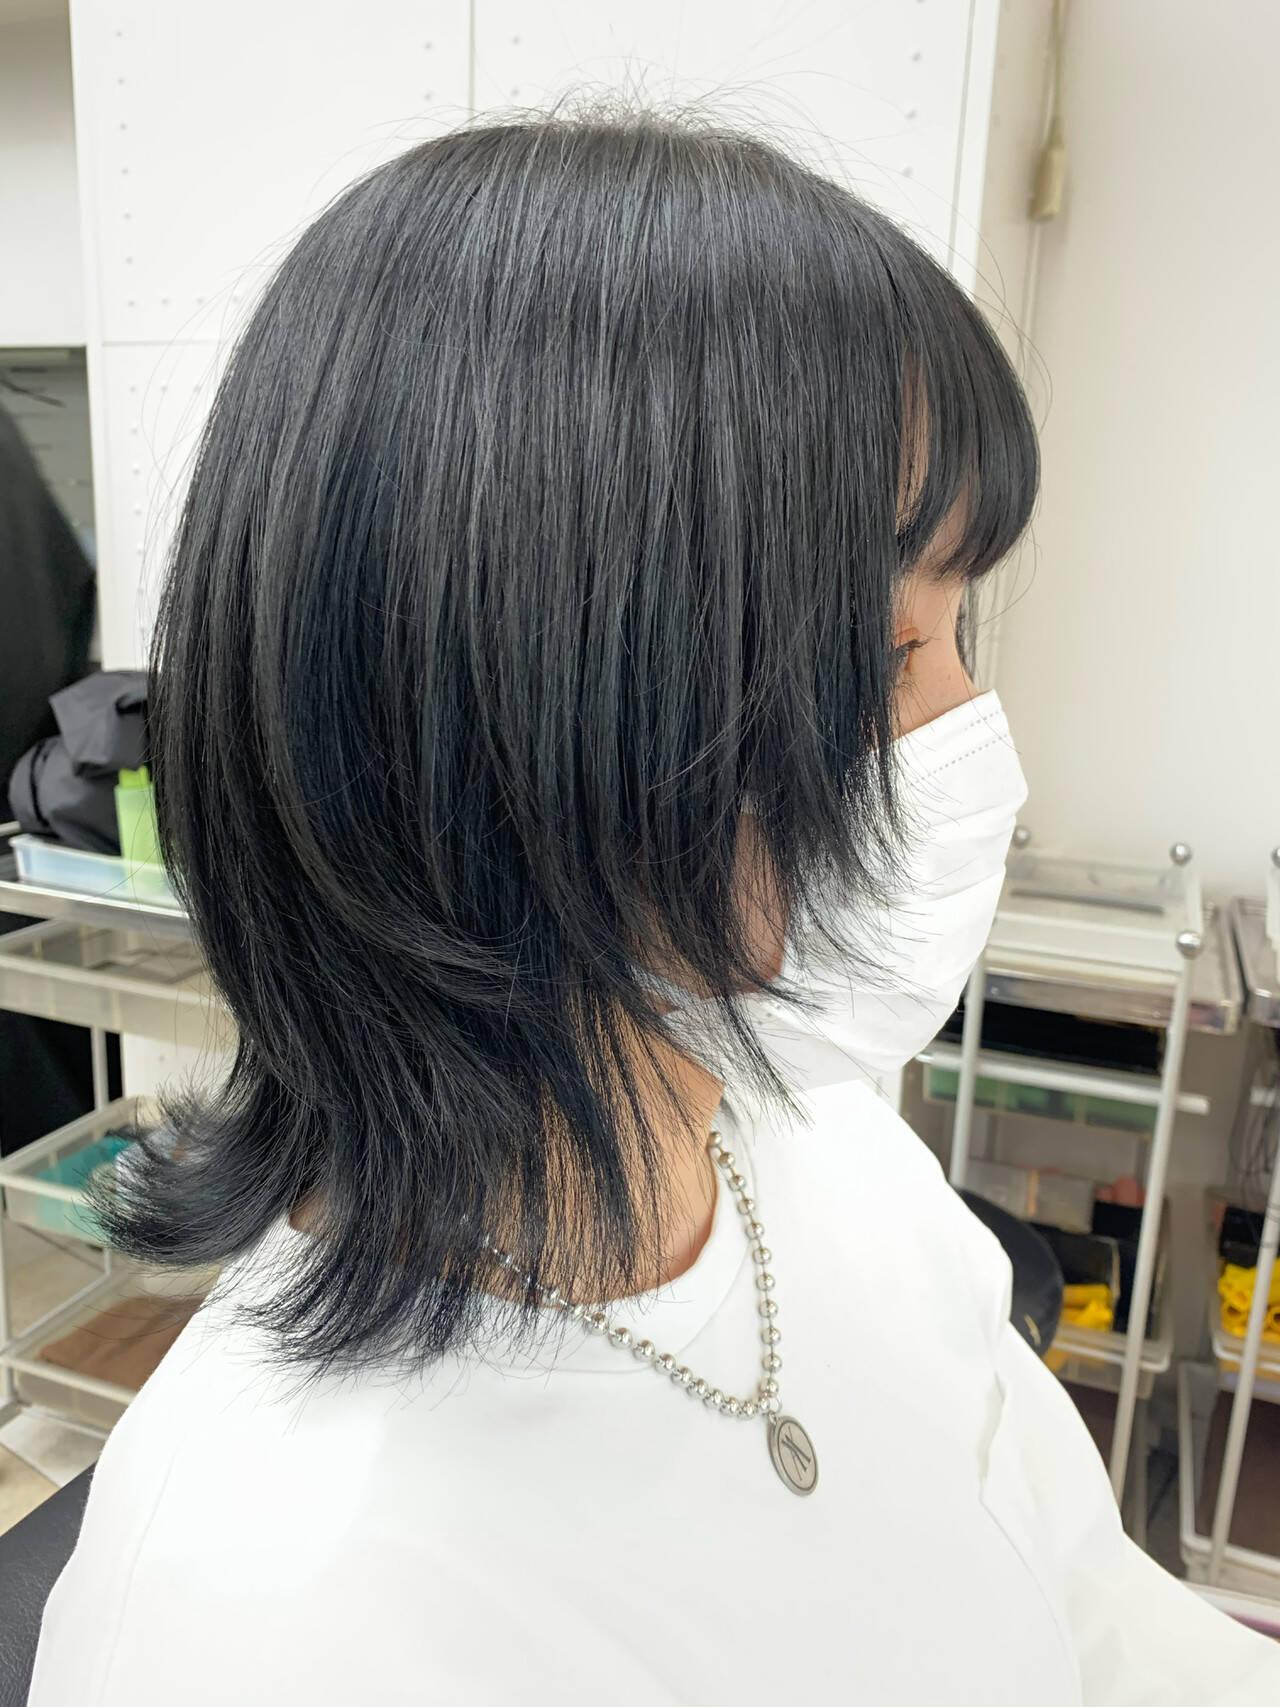 ウルフレイヤー ウルフカット マッシュウルフ ストリートヘアスタイルや髪型の写真・画像